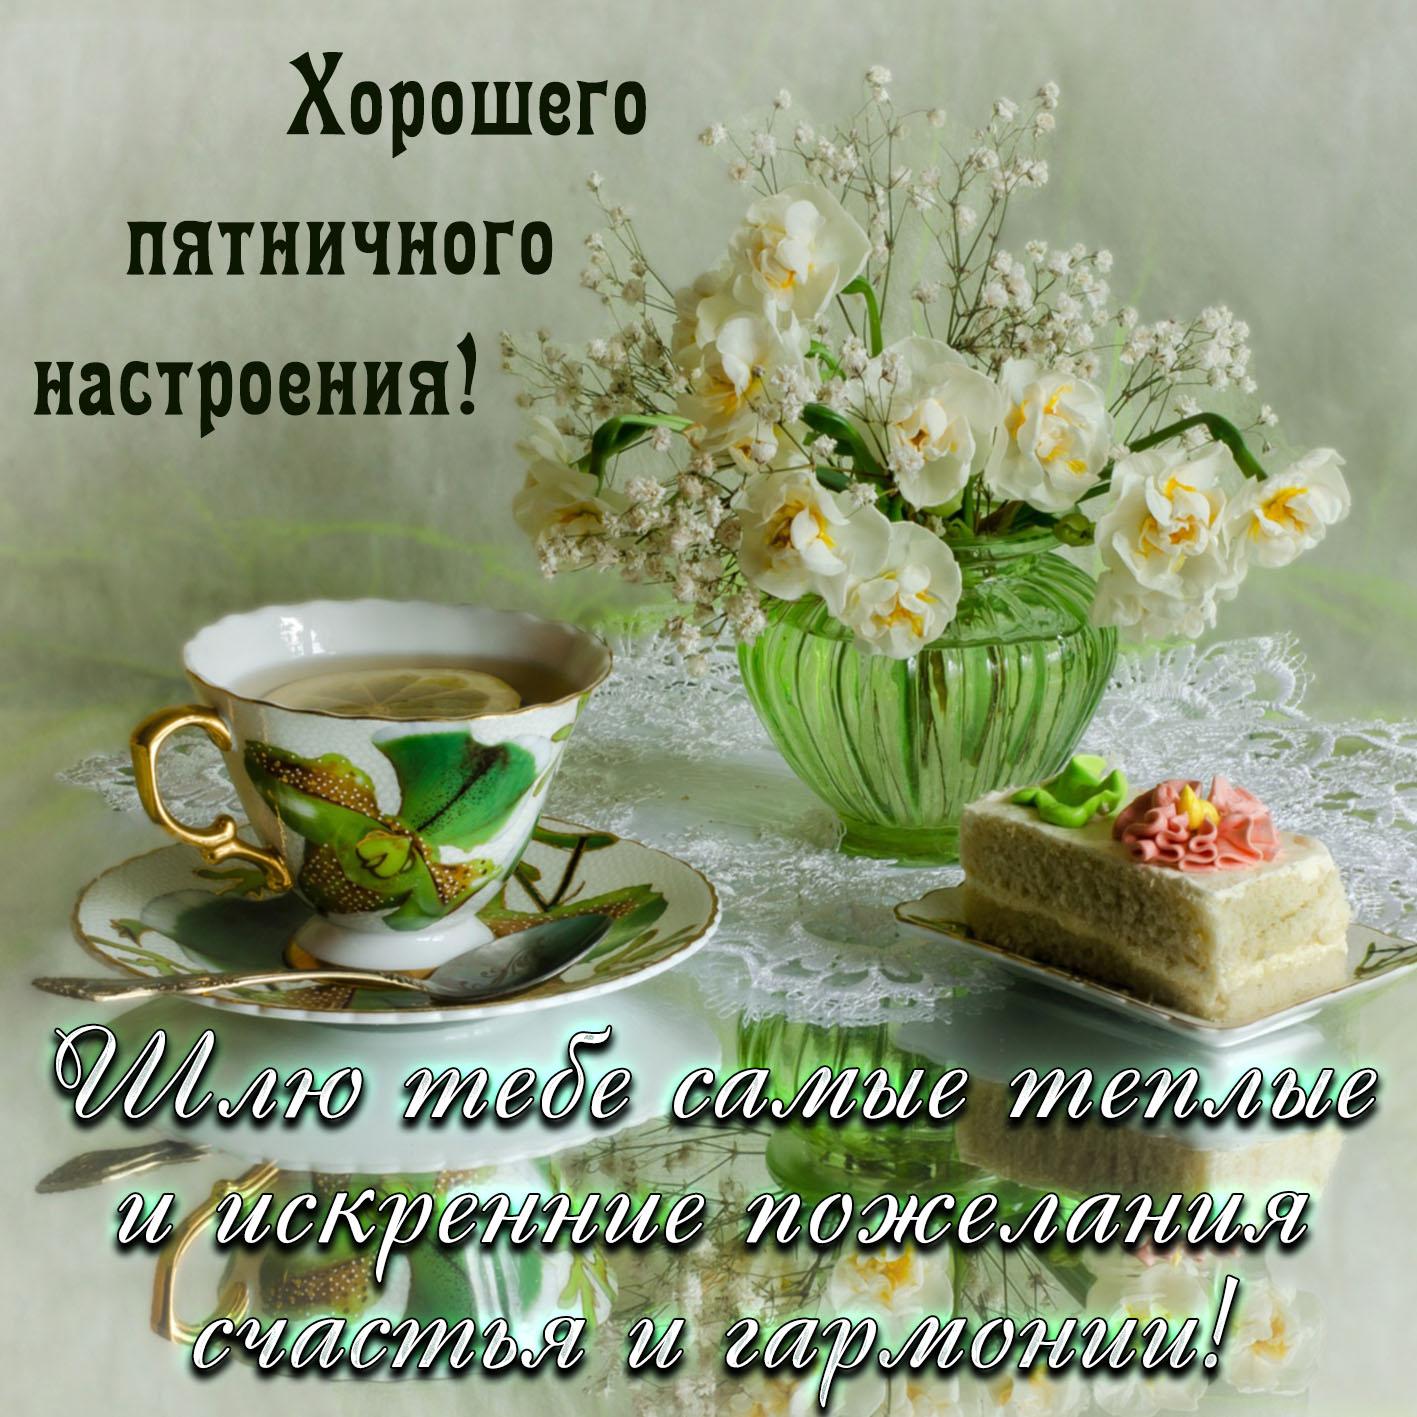 Открытки с добрым утром и хорошим настроением пятницы